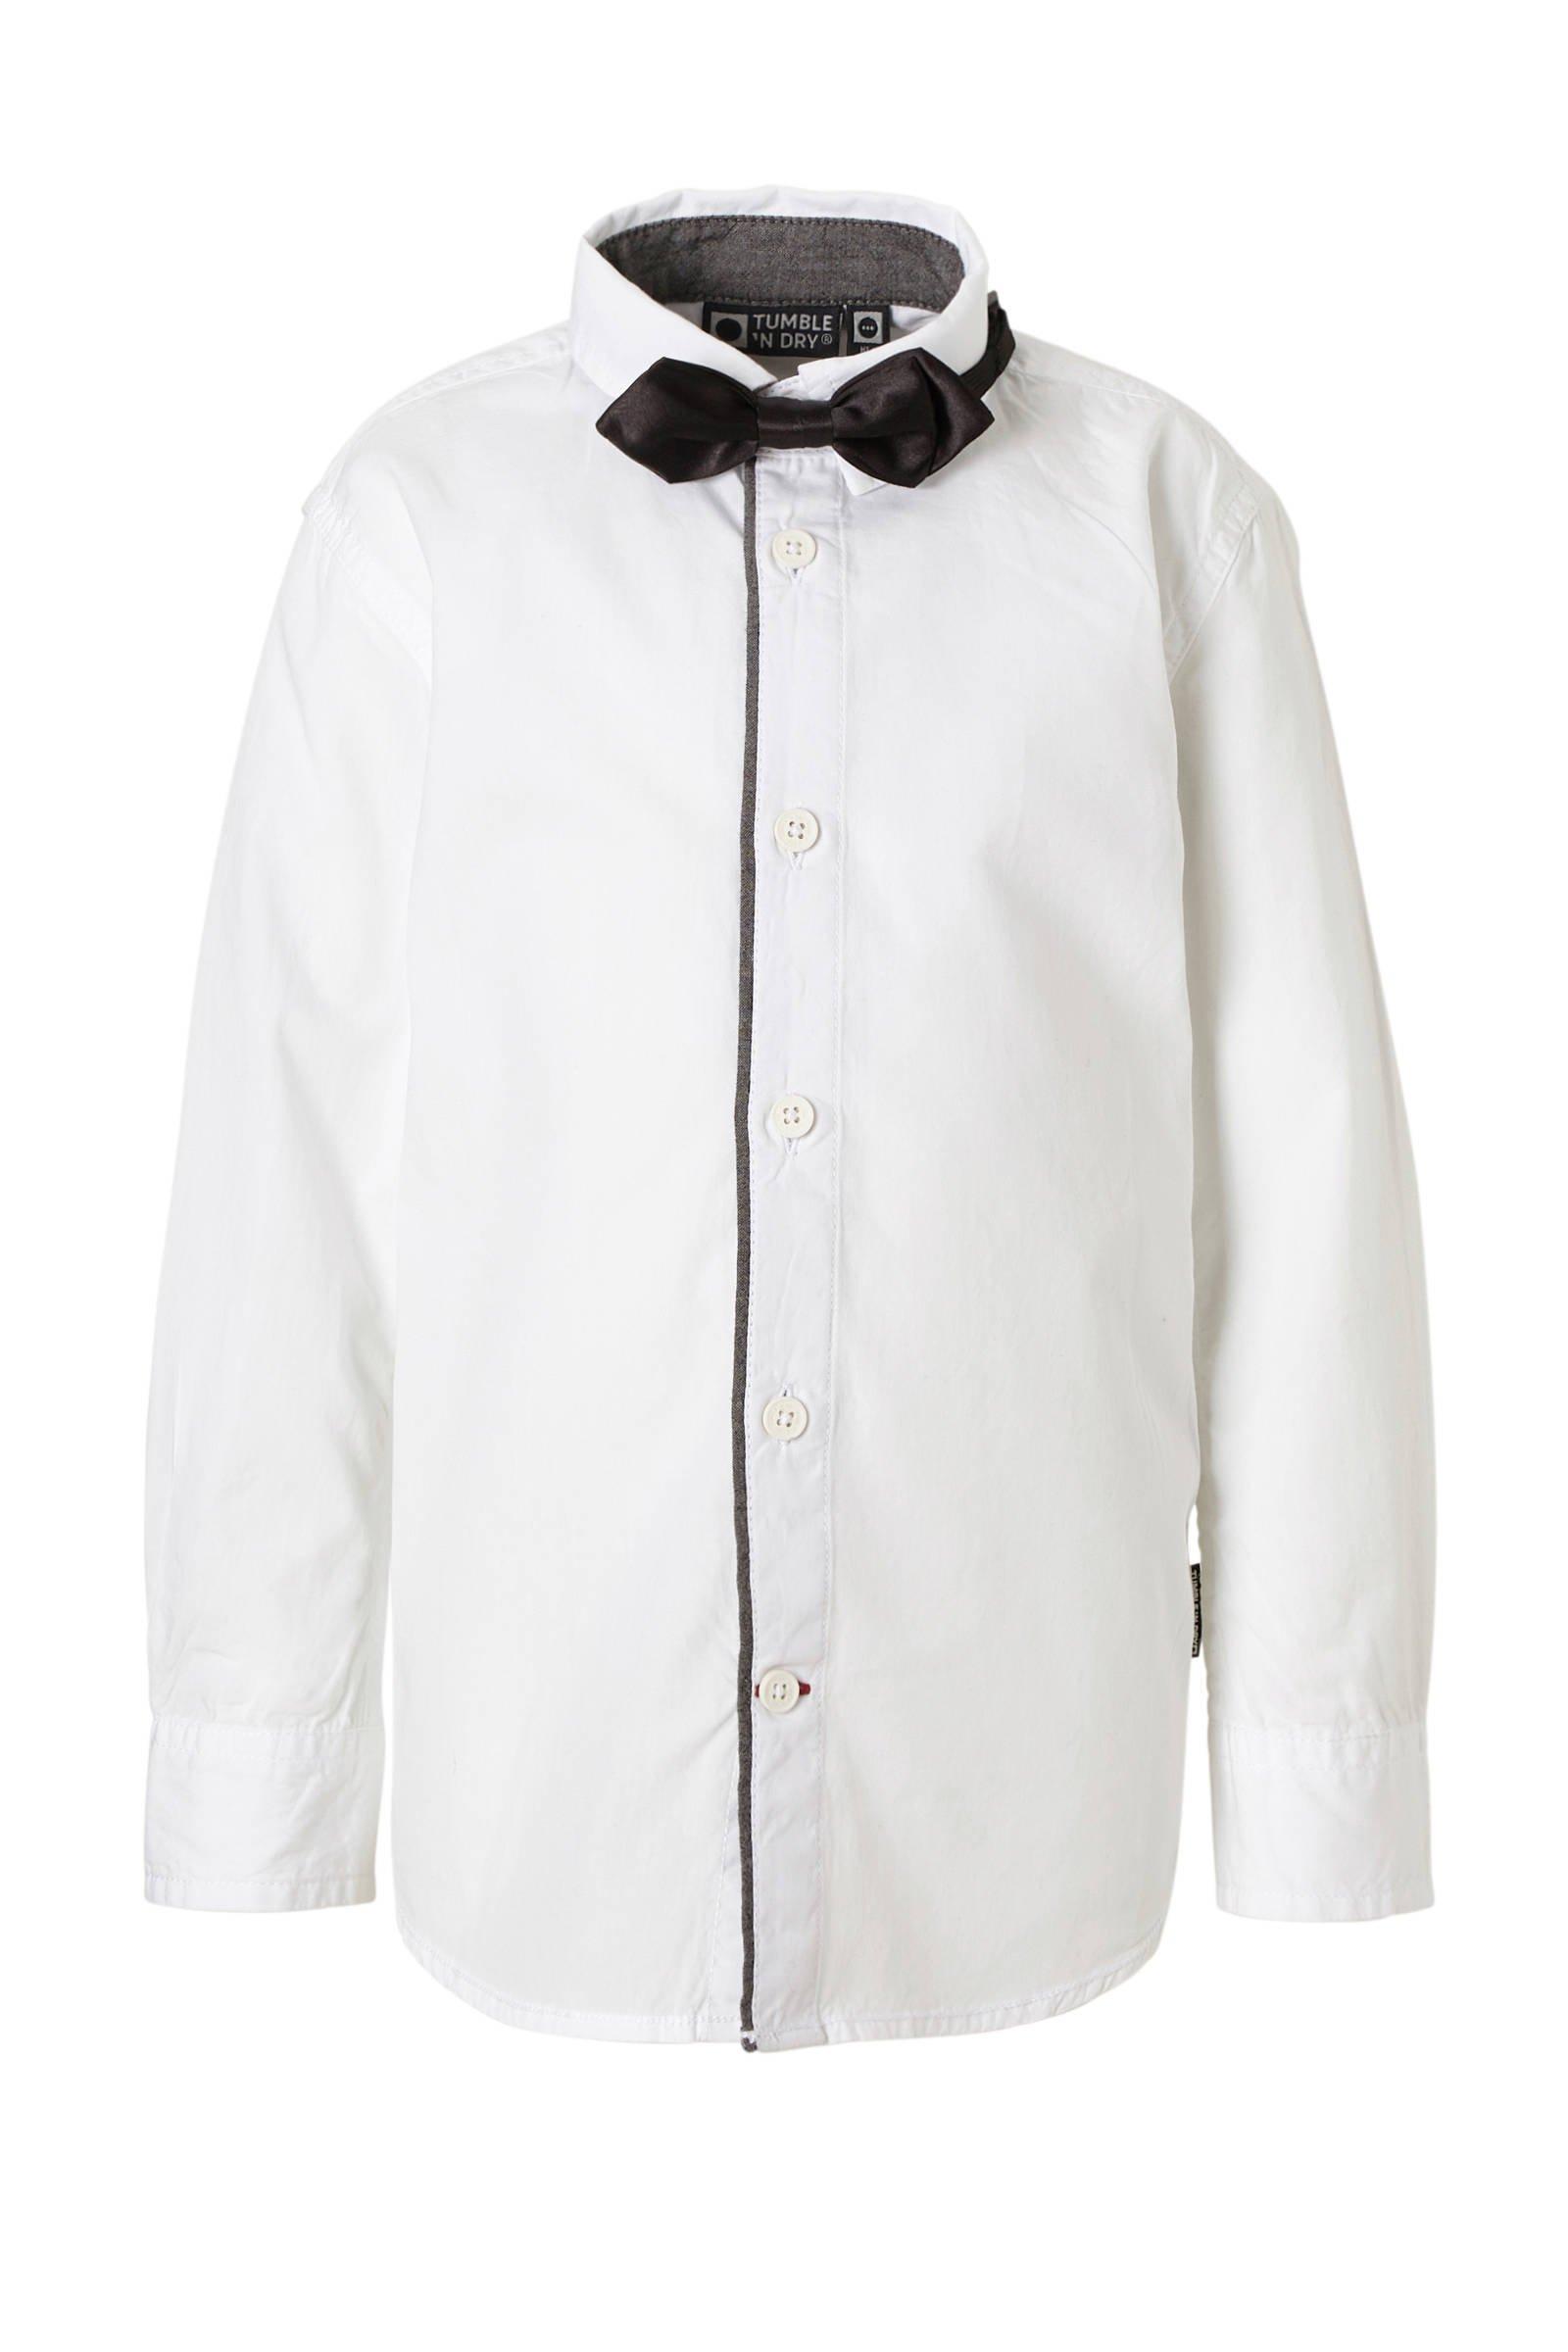 Tumble 'n Dry Mid overhemd Randal met strik (jongens)